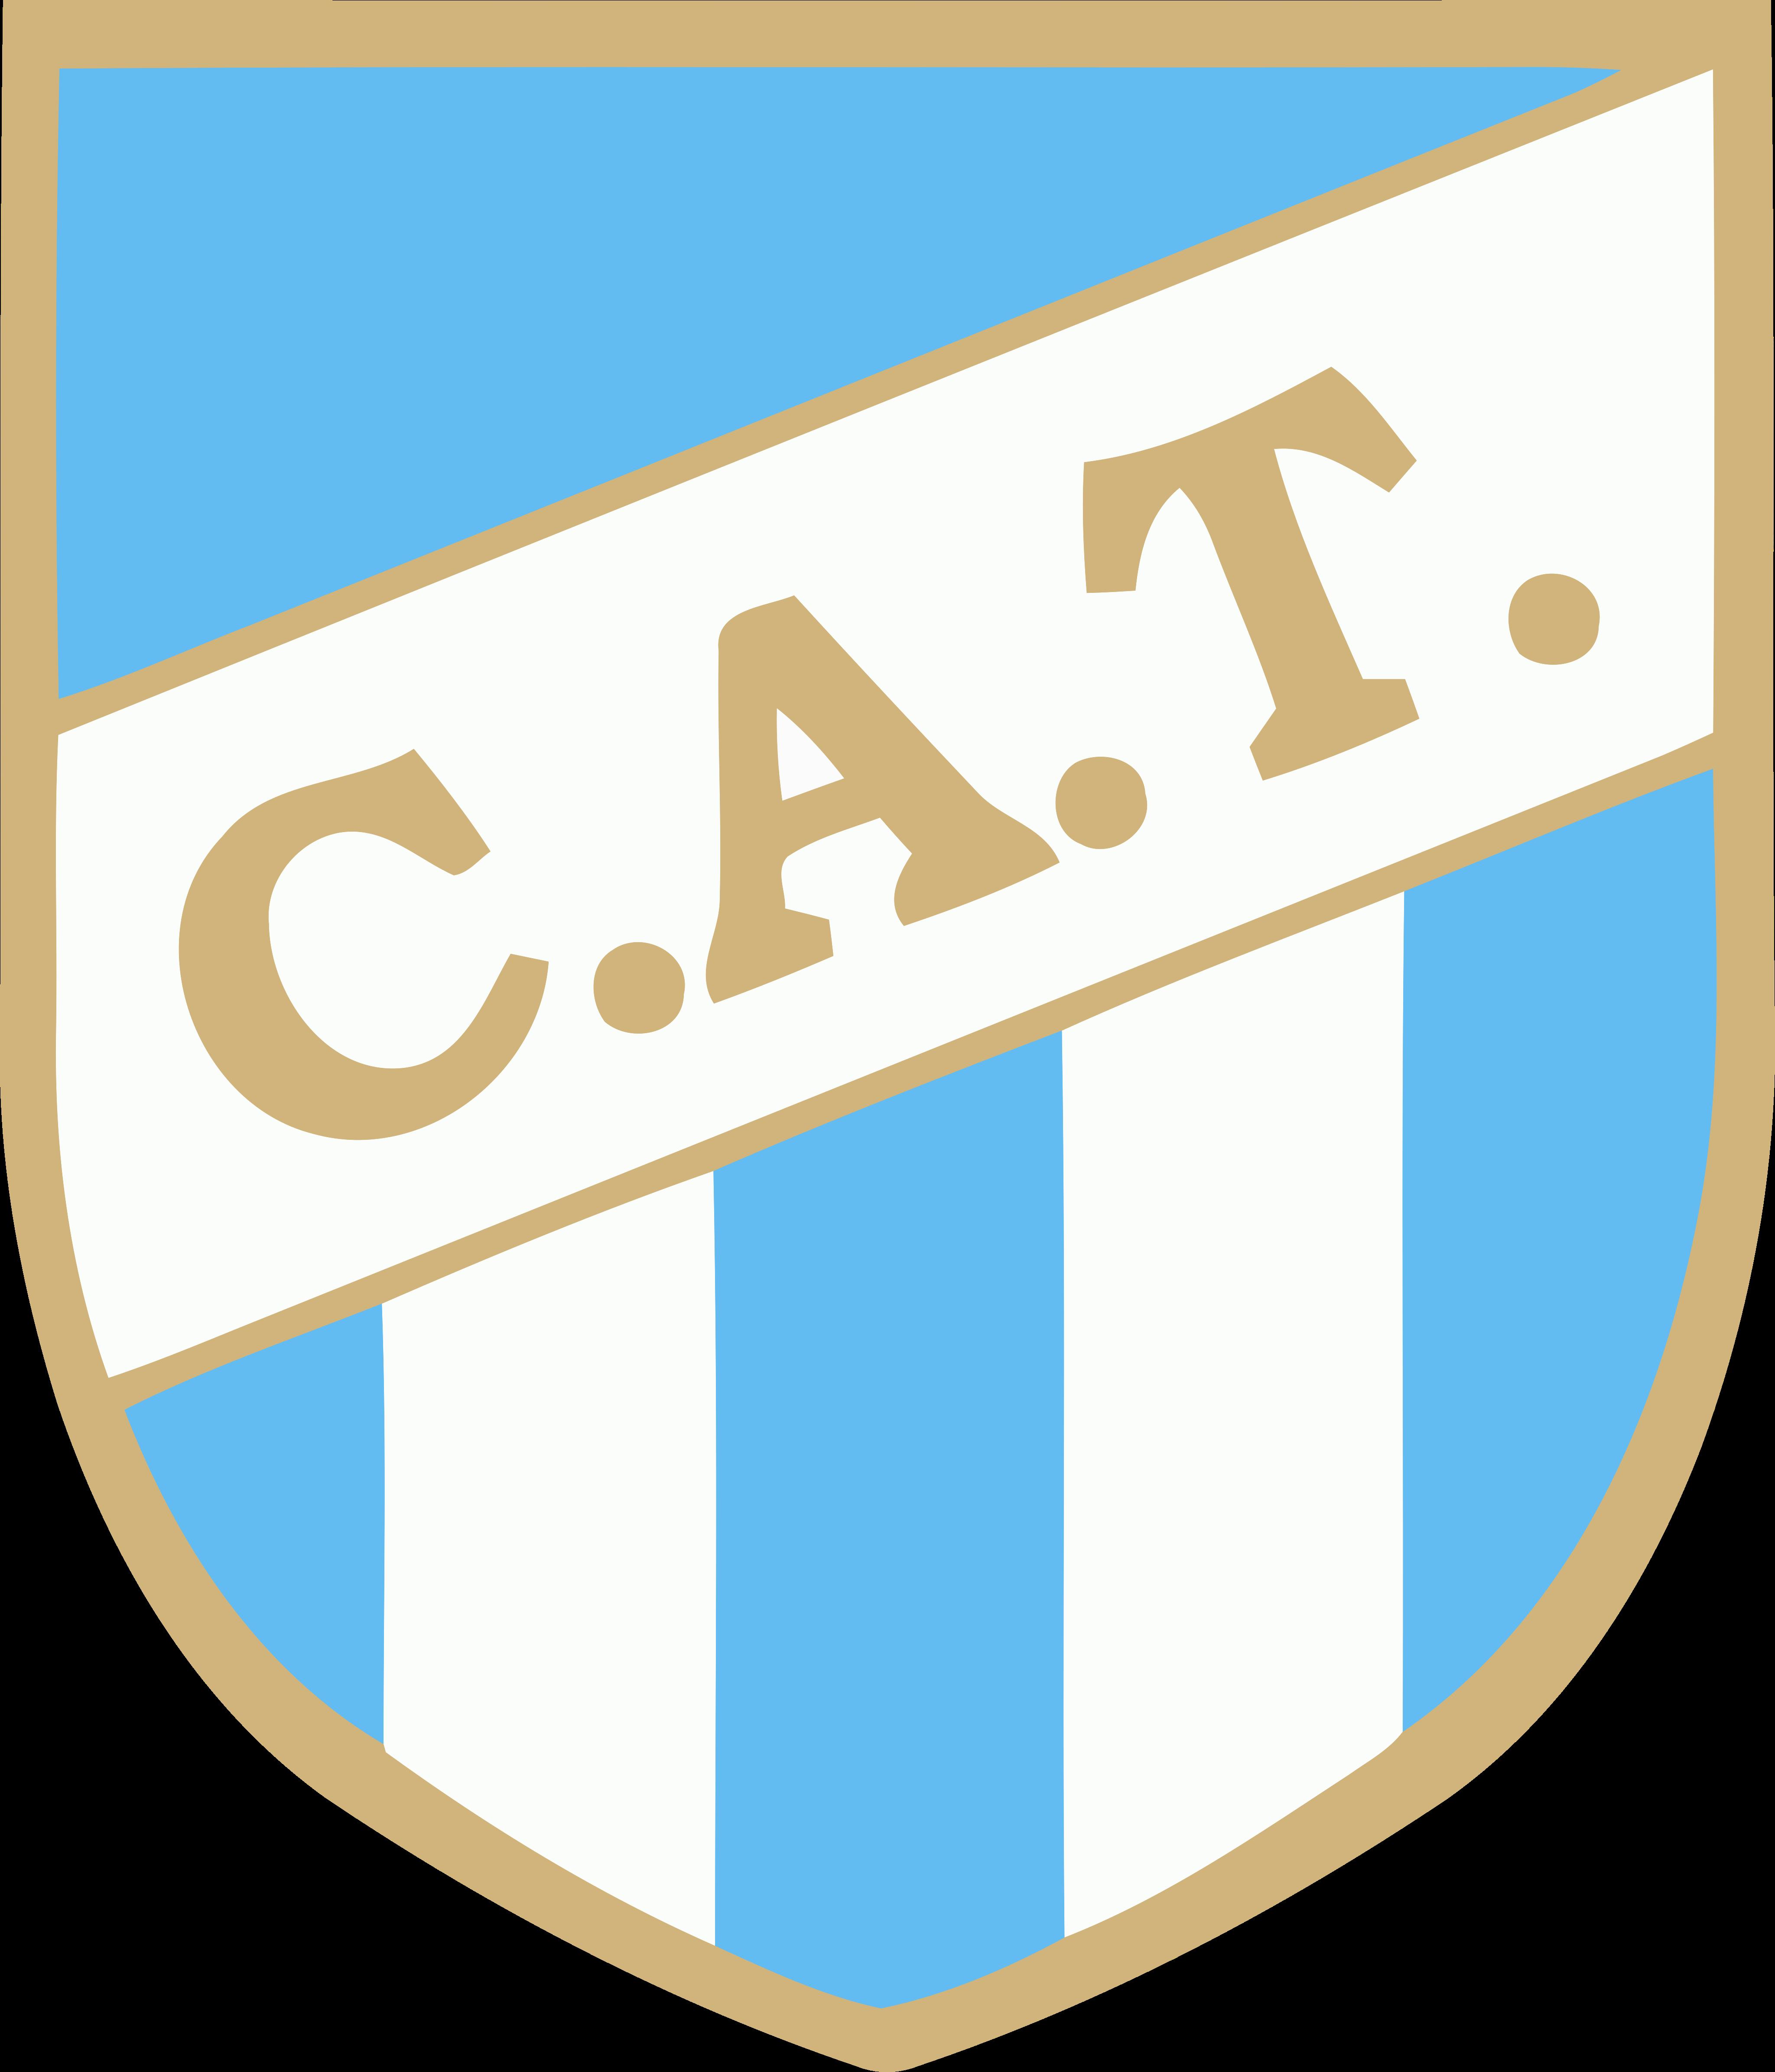 atletico tucuman logo 0 - Club Atlético Tucumán Logo